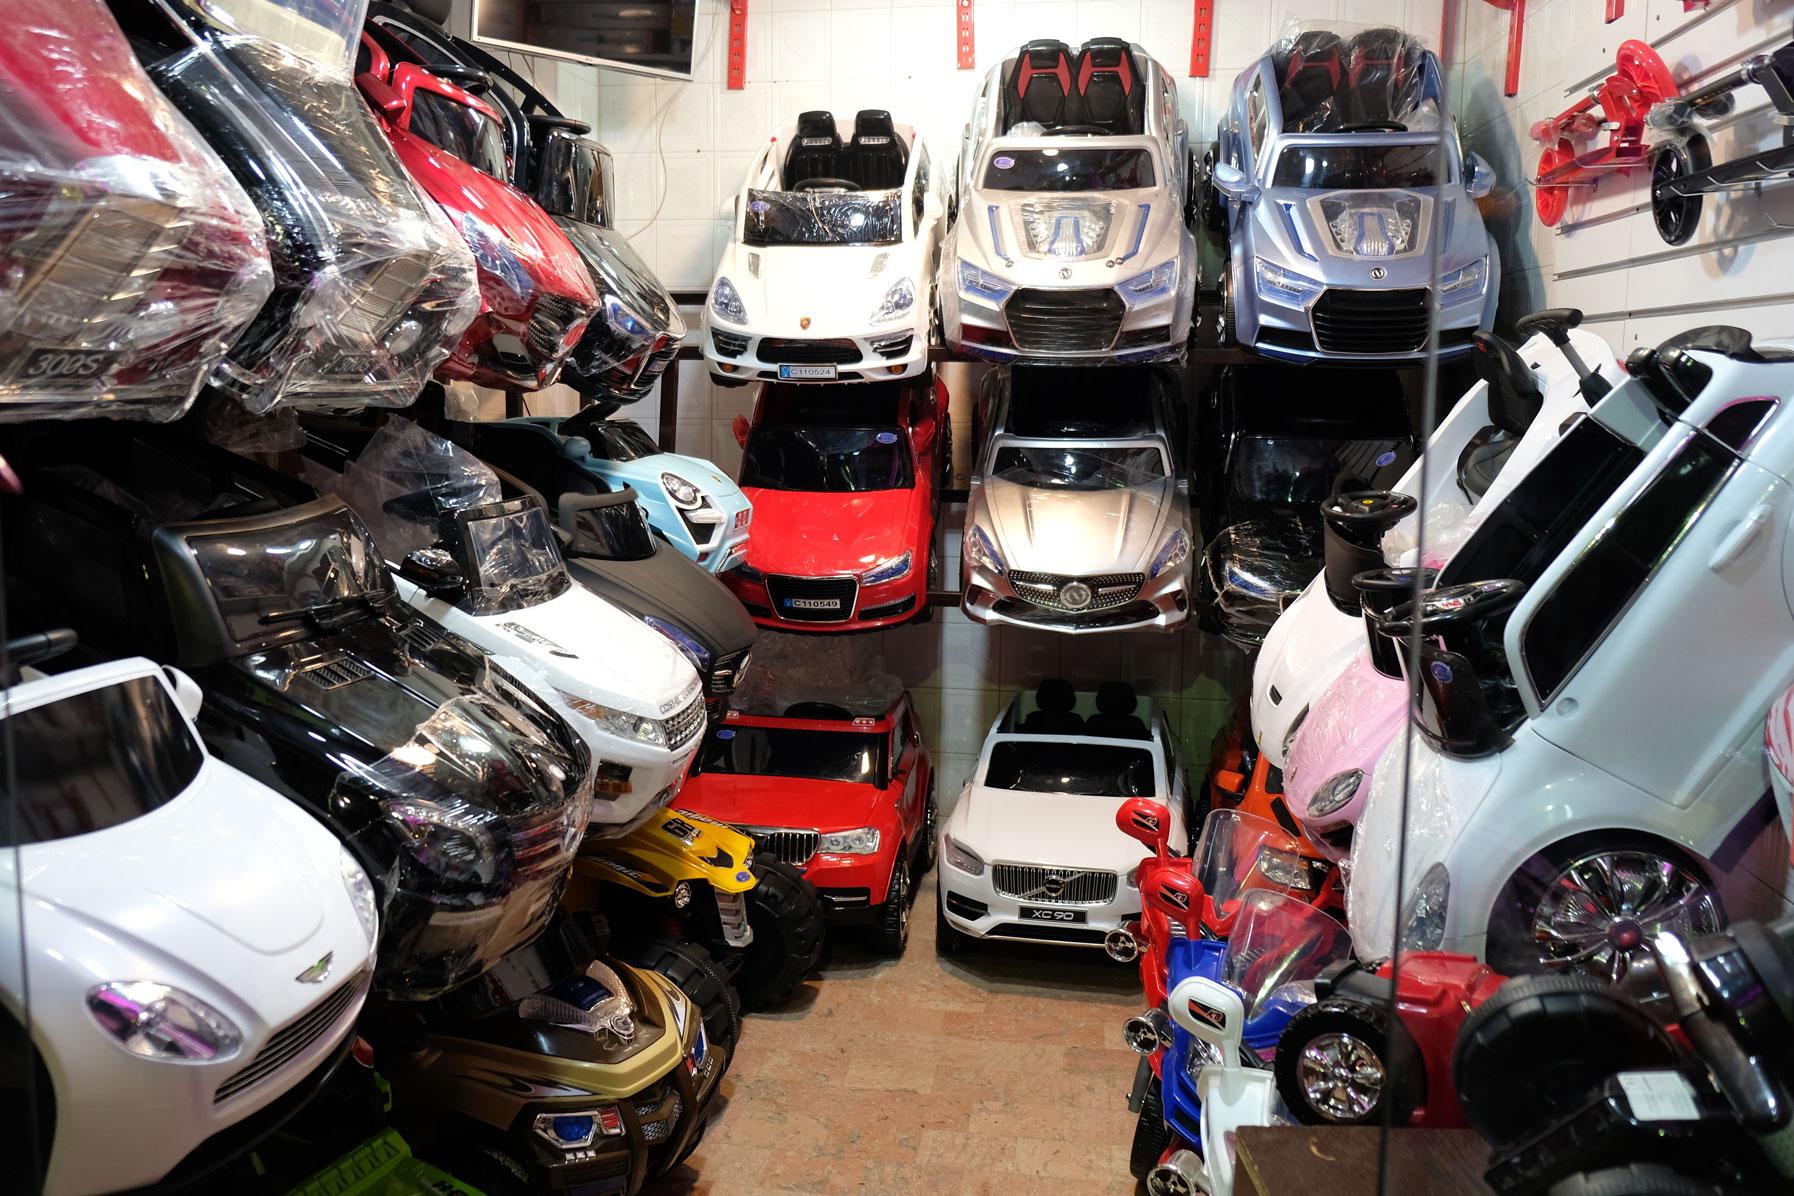 Miniaturautos in einem Geschäft